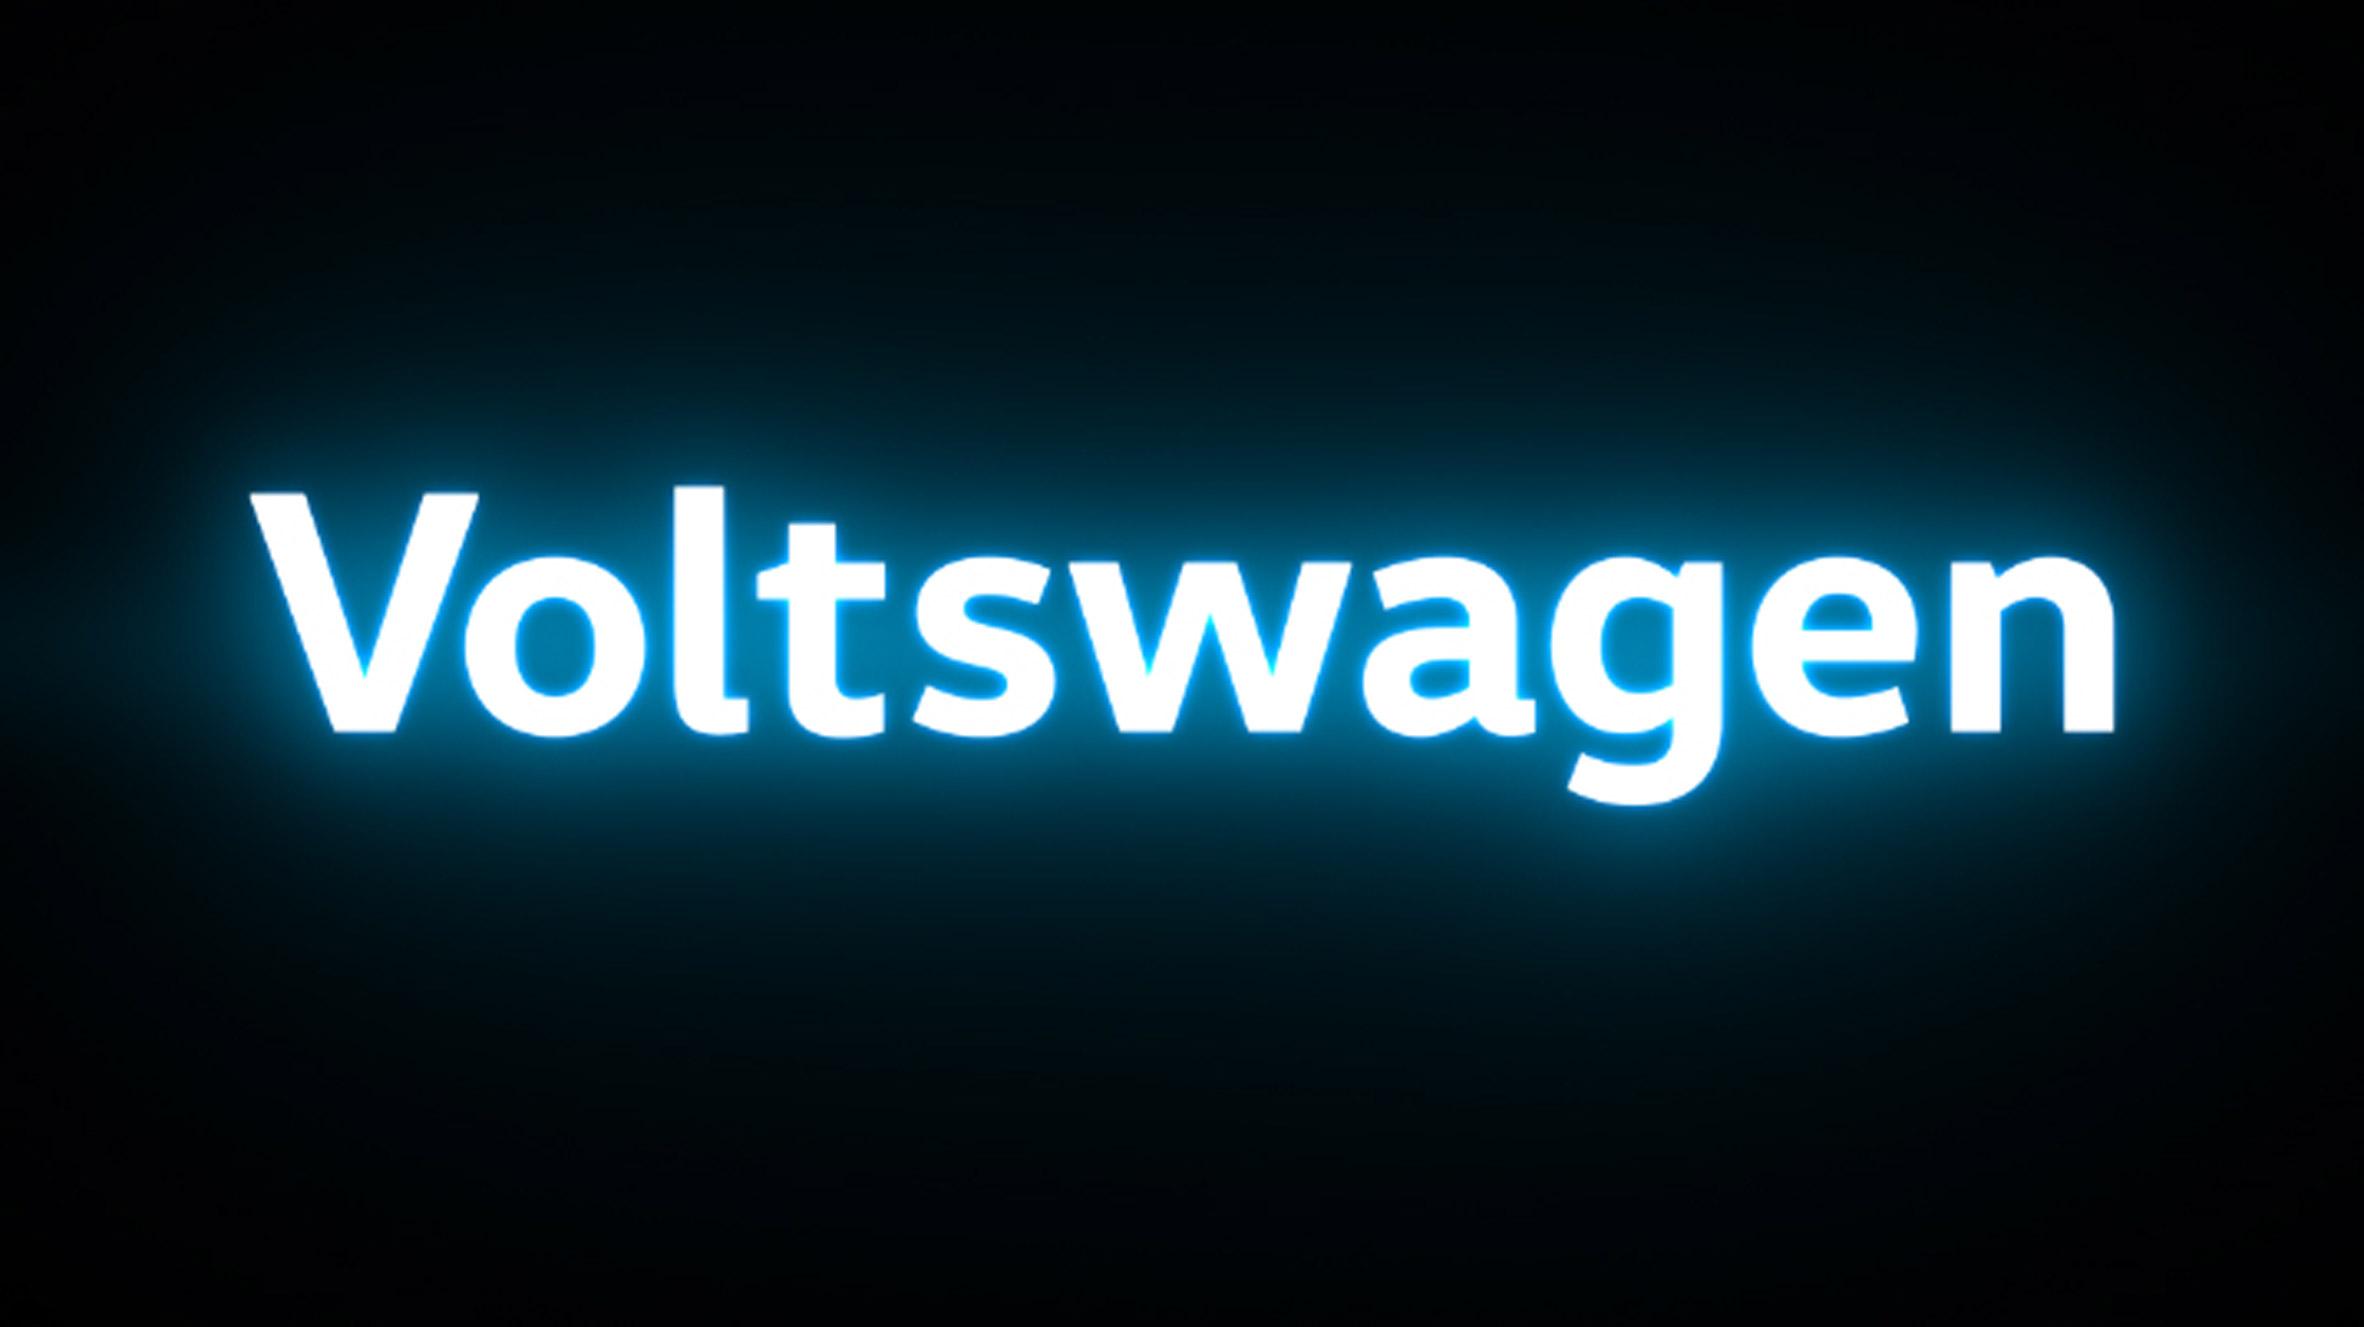 Volkswagen claims it is rebranding itself as Voltswagen